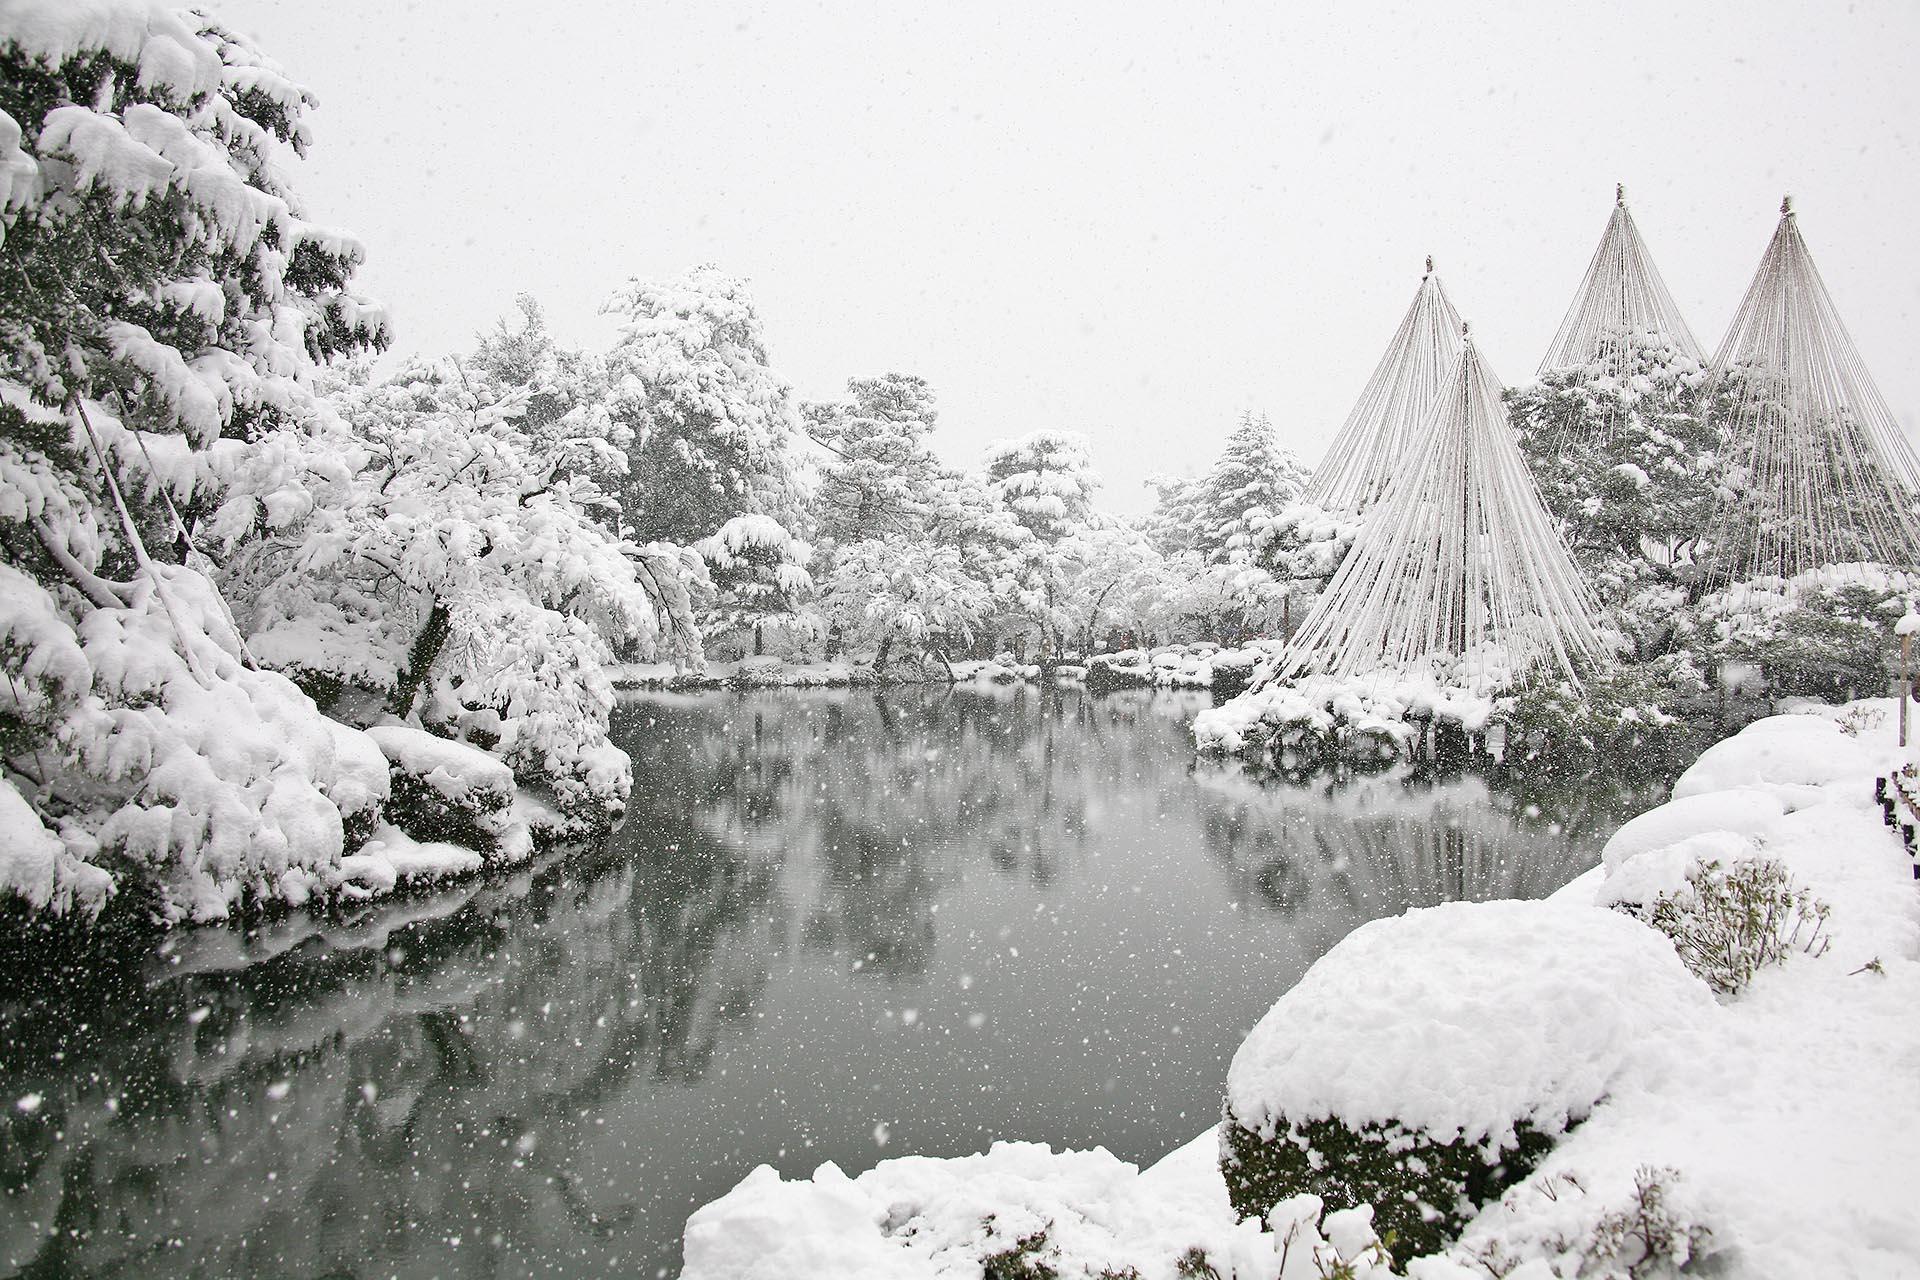 雪の兼六園 冬の金沢 石川の風景